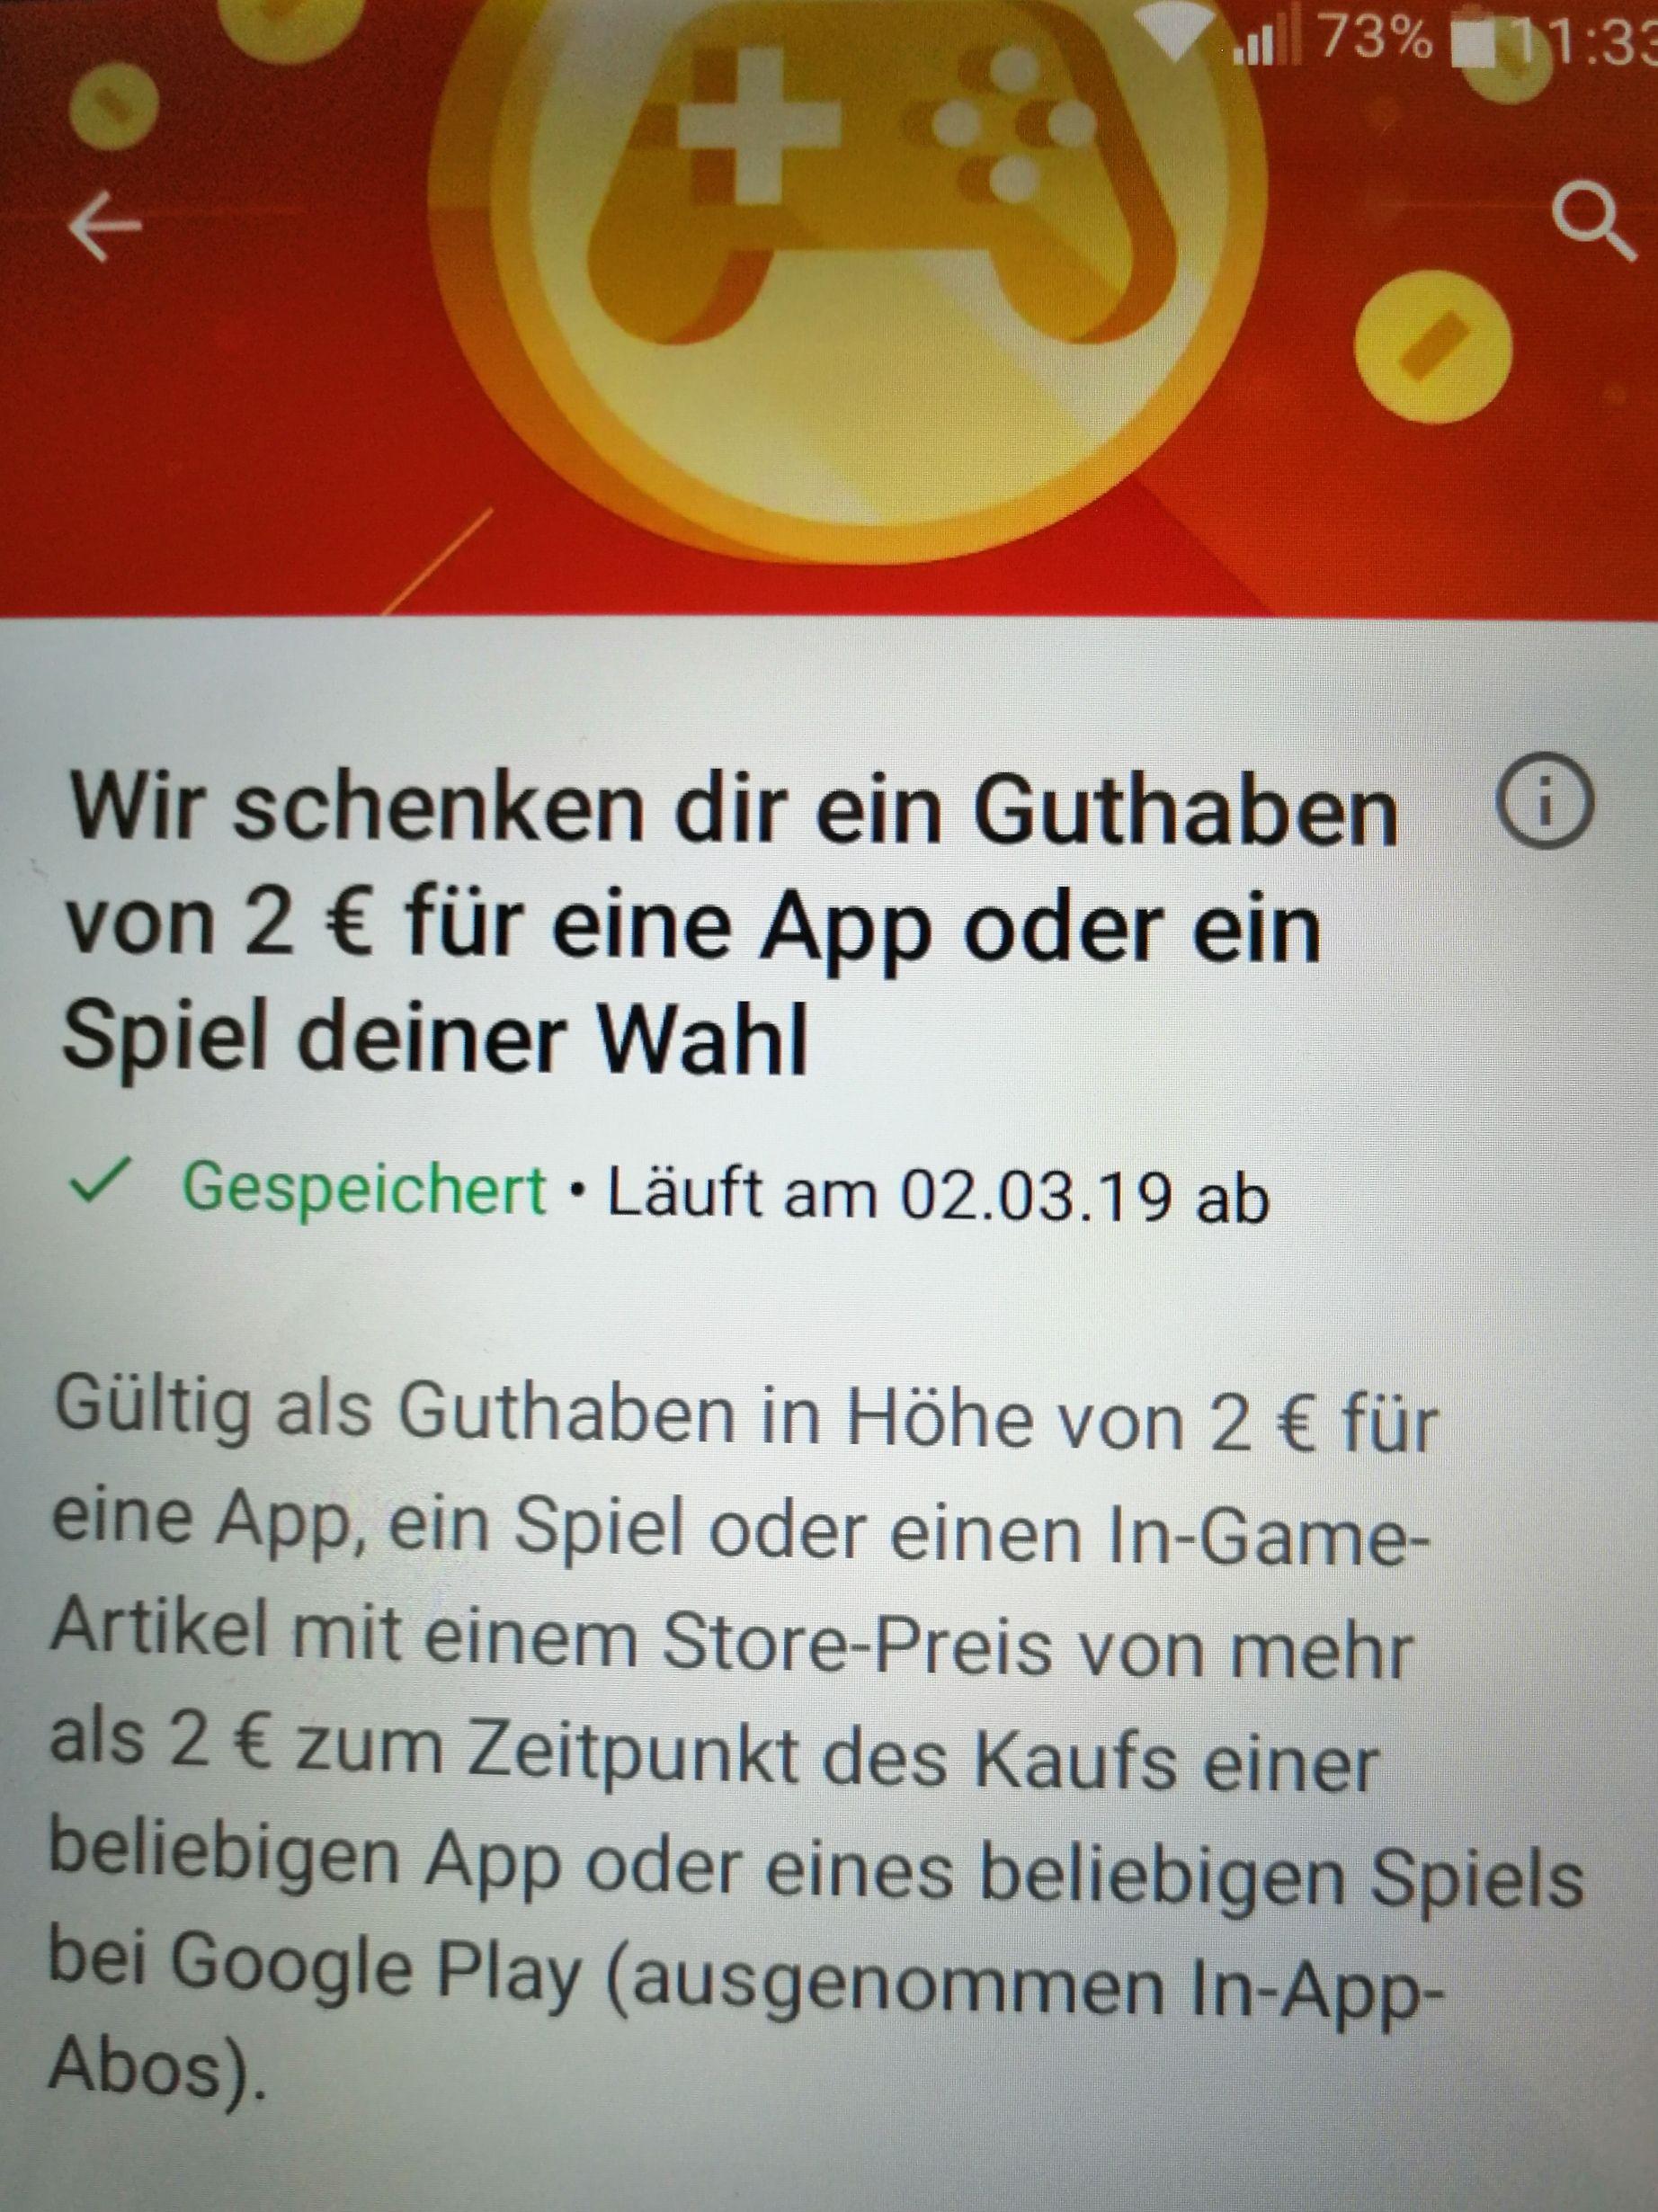 Google Playstore Guthaben Von 2 Euro Geschenkt